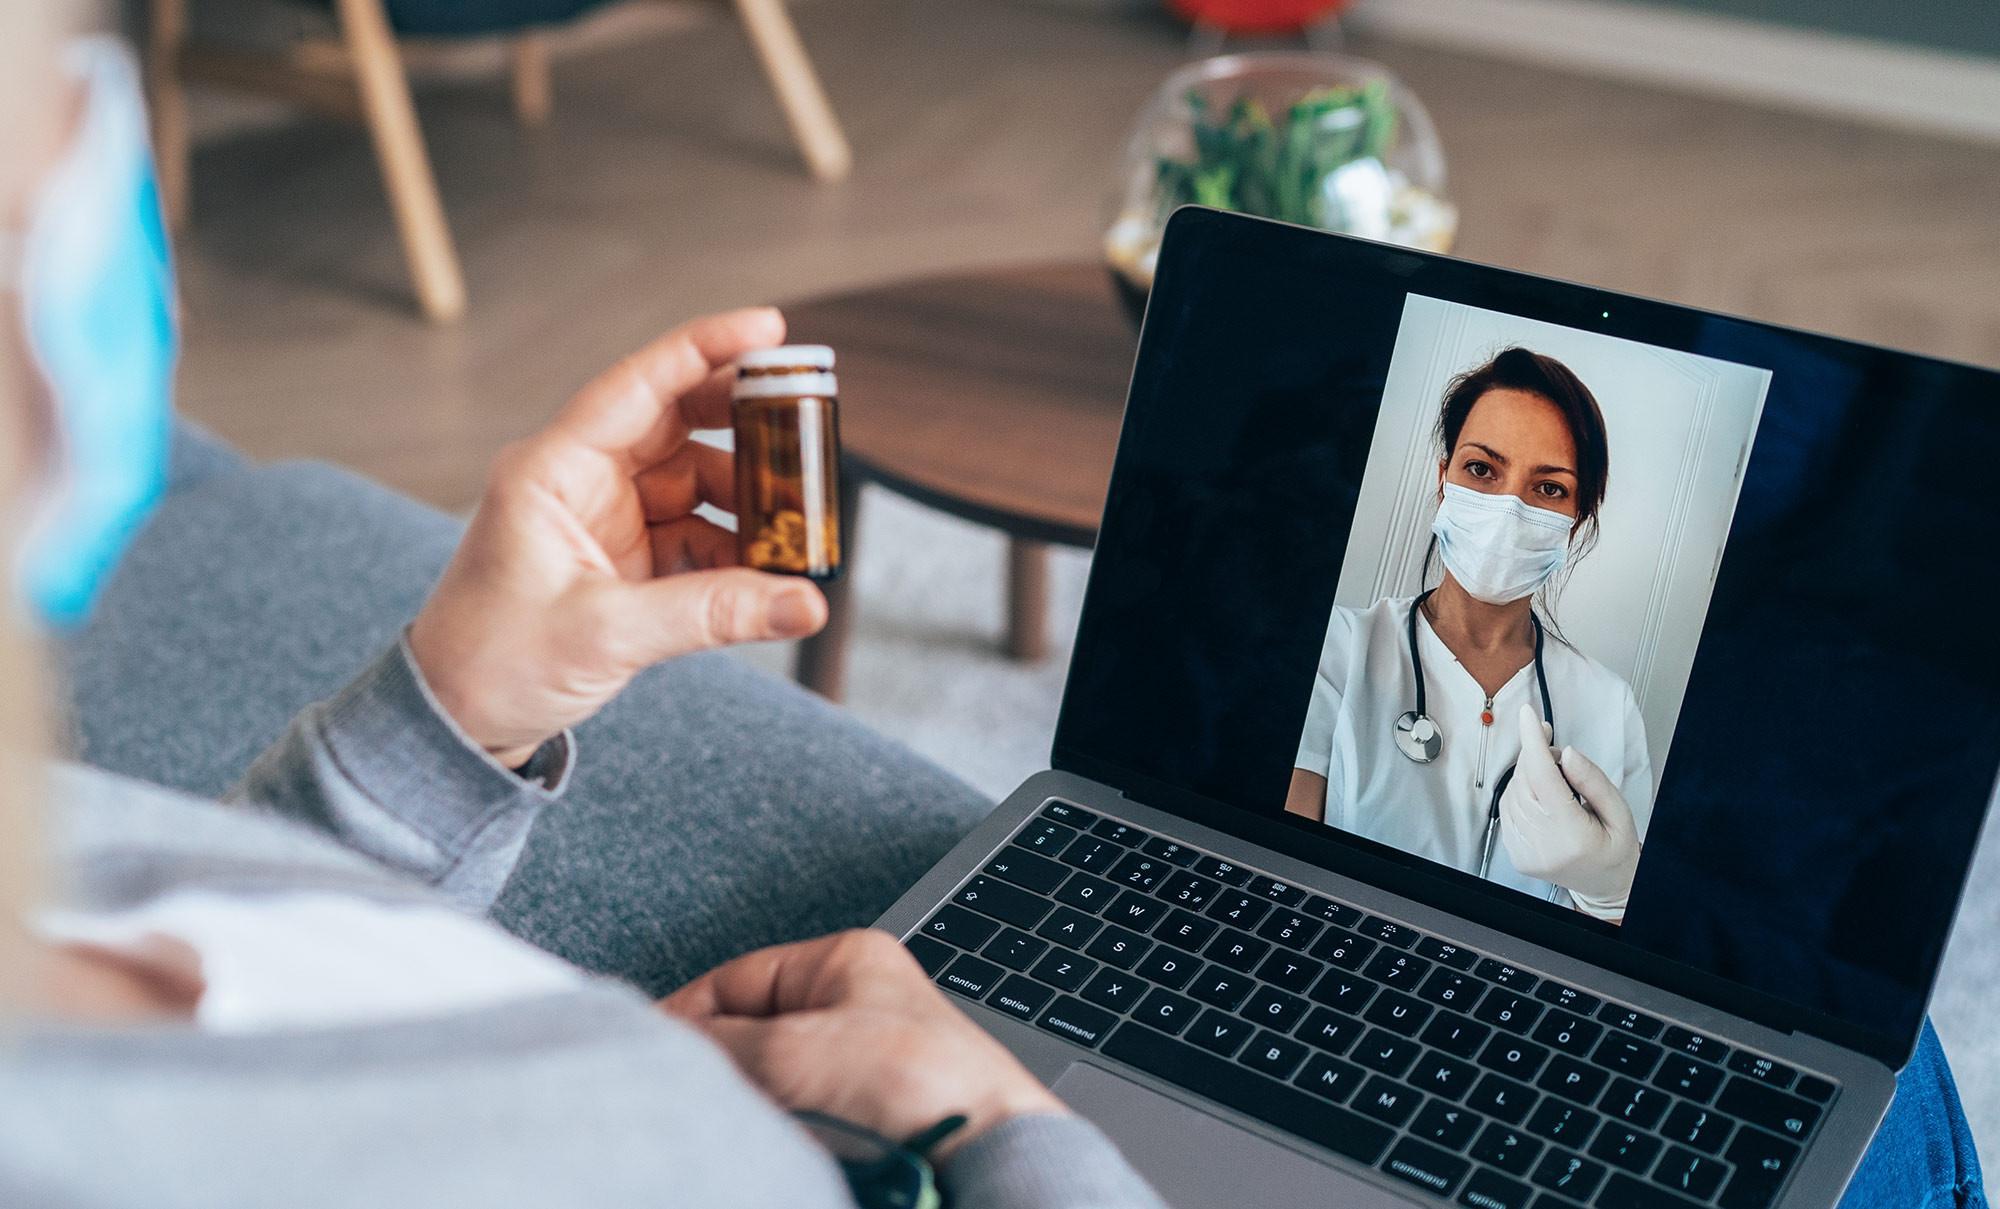 <p>Telemedicina, más allá del Covid-19: las clínicas peruanas corren para brindar una oferta digital</p>